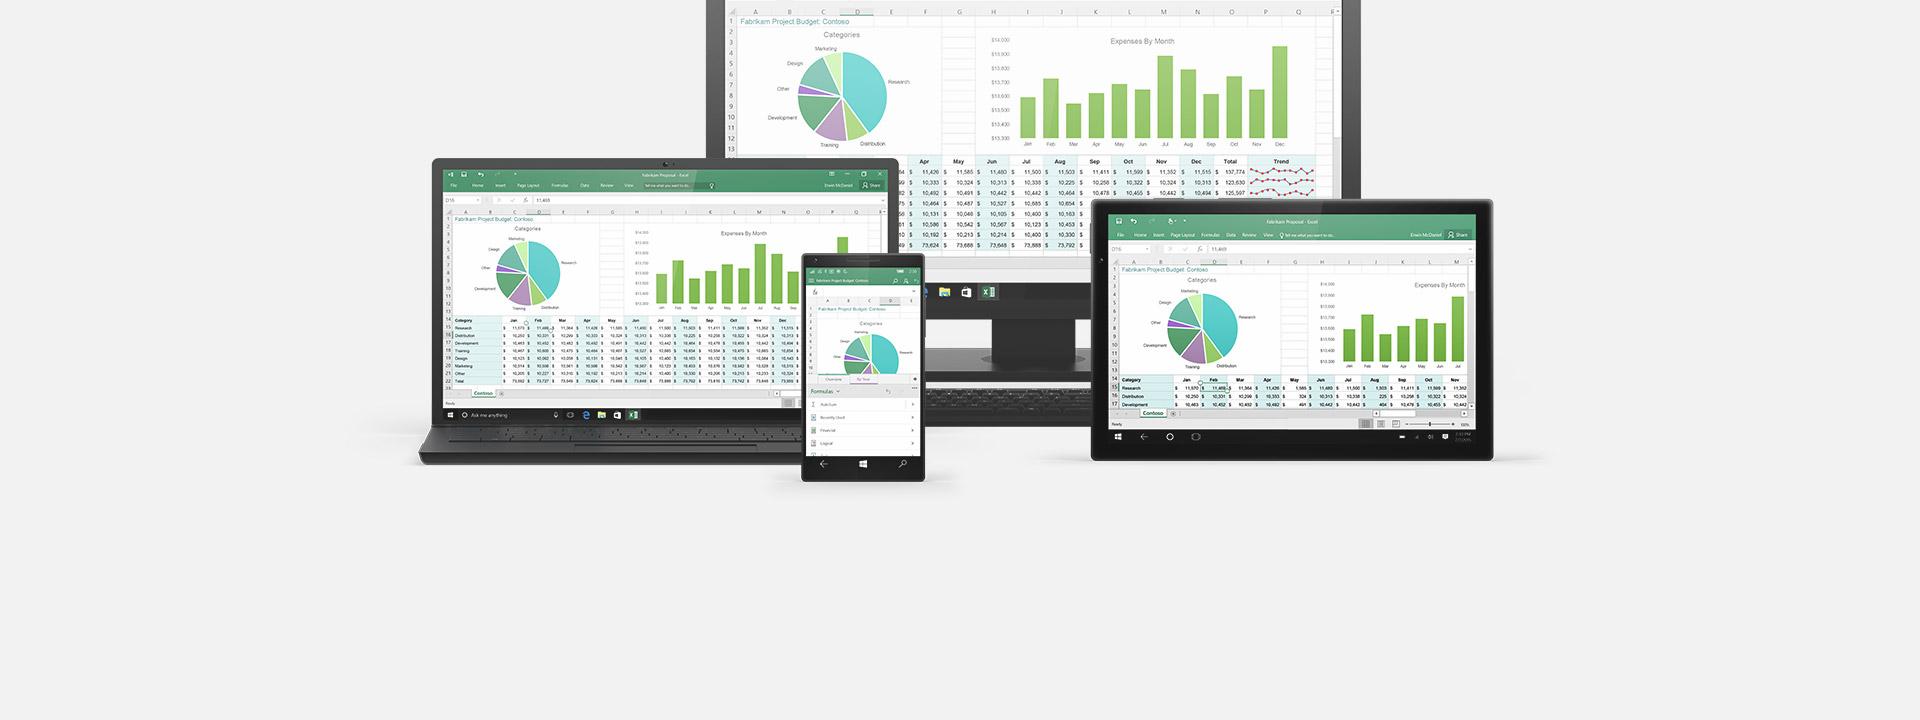 Několik různých zařízení, informace kOffice365